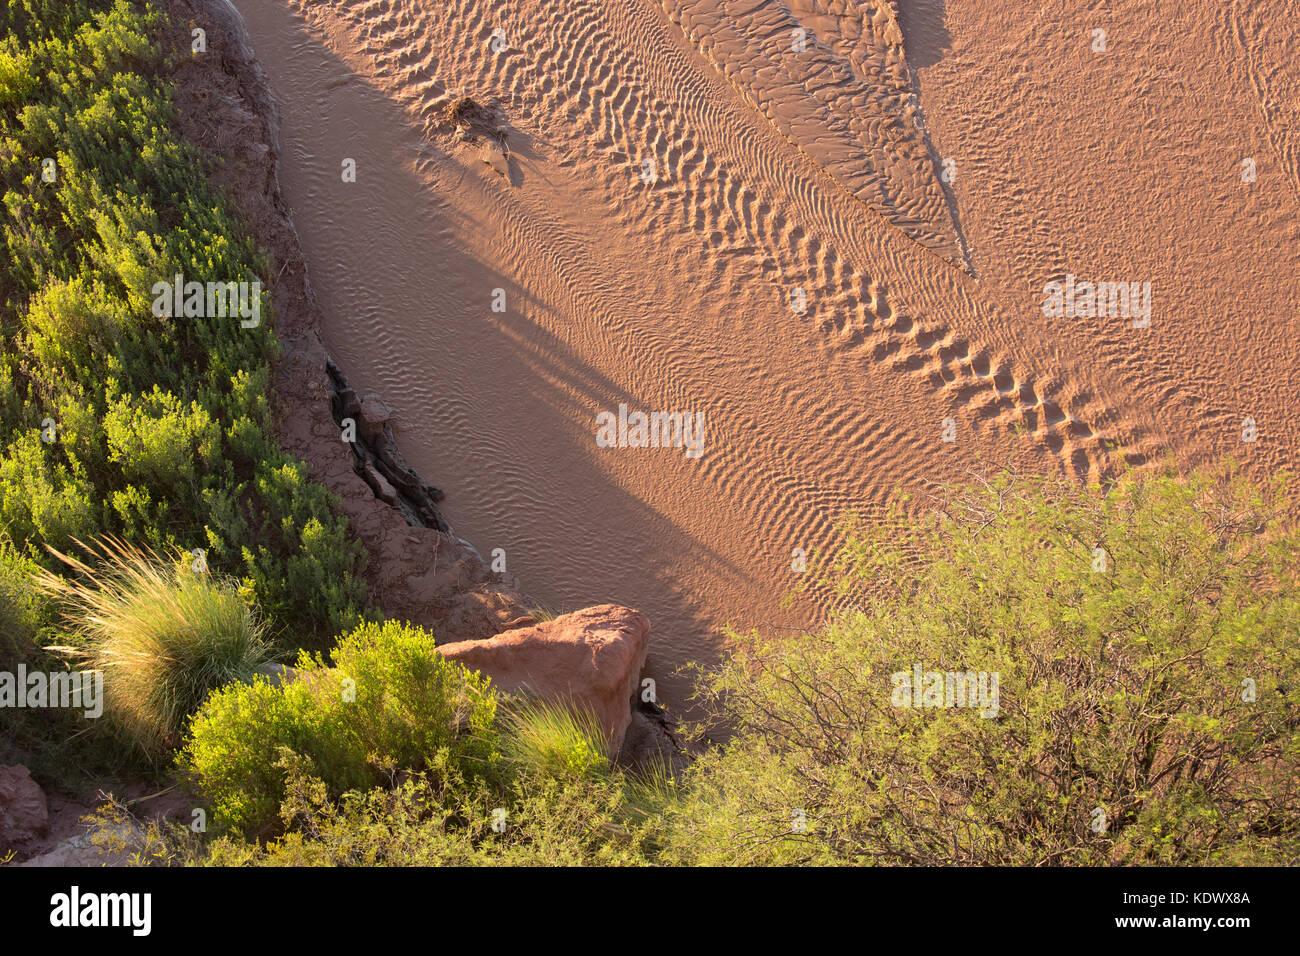 River at the Quebrada de la Conches, Valles Calchaquies, Salta Province, Argentina - Stock Image